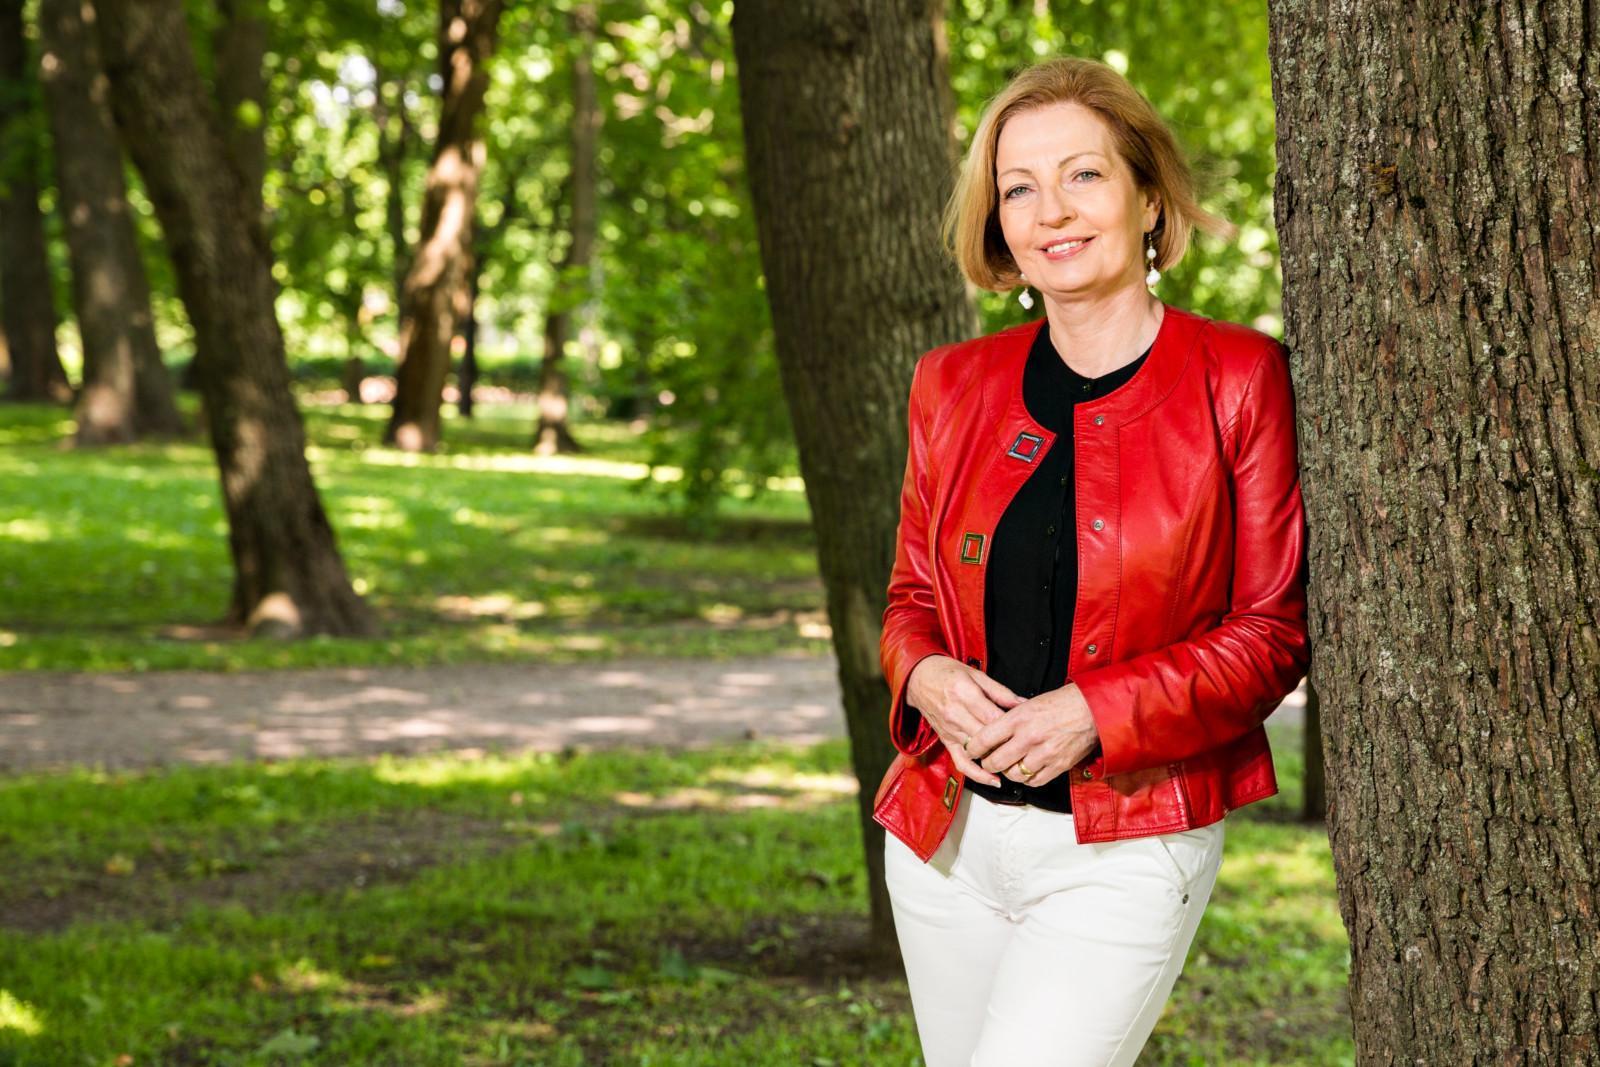 Hyvinvointilomat ry:n puheenjohtaja Anneli Kiljunen nojaa puuhun ja hymyilee aurinkoisessa puistossa.